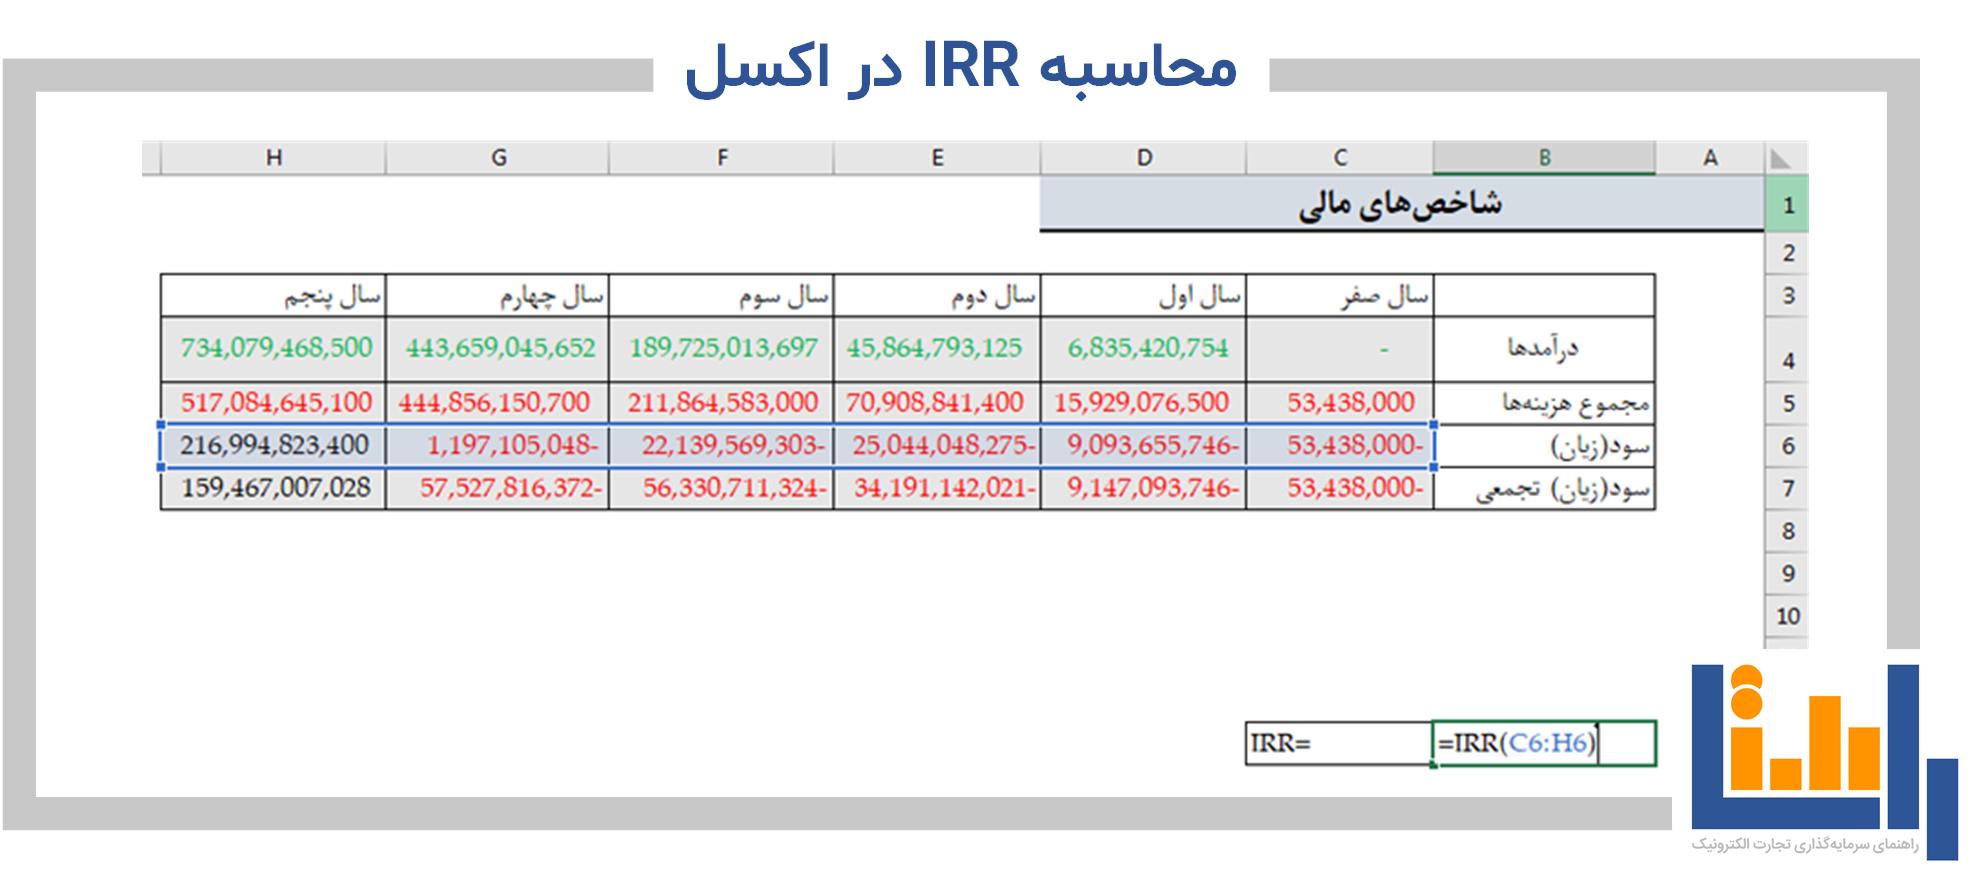 نحوه محاسبه IRR در اکسل